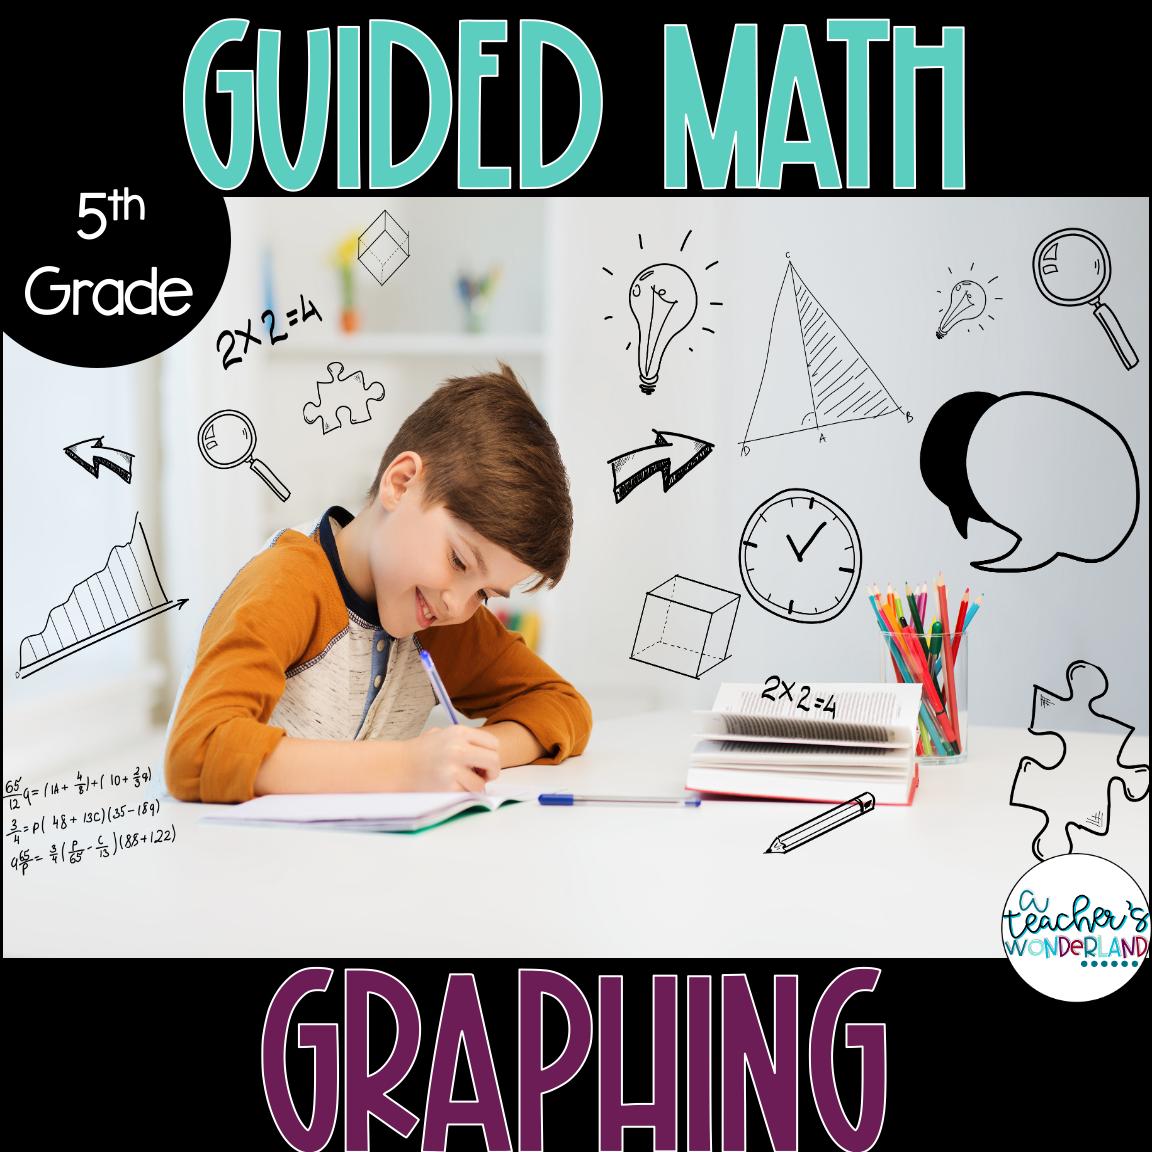 Fifth Grade *Guided Math* - Graphing - A Teacher's Wonderland